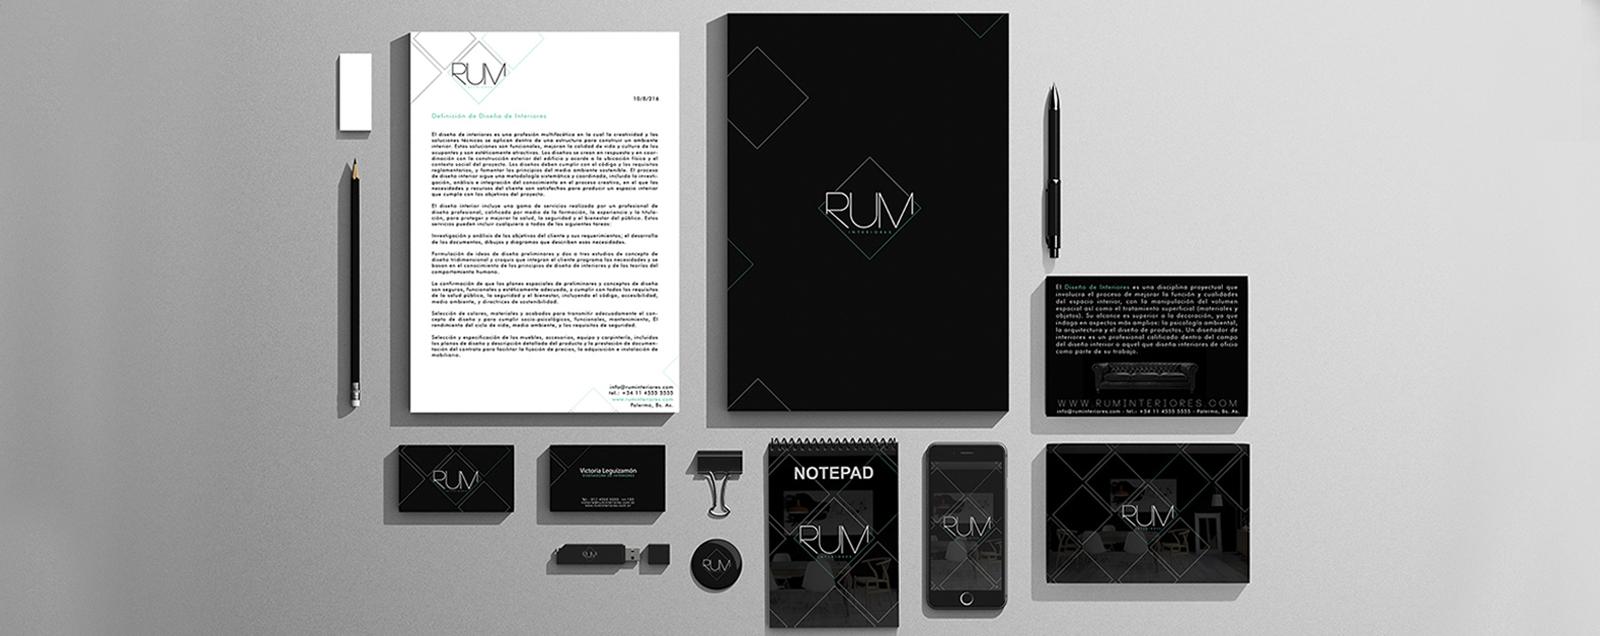 branding-rum-diseno-de-interiores-dink-estudio-de-diseno